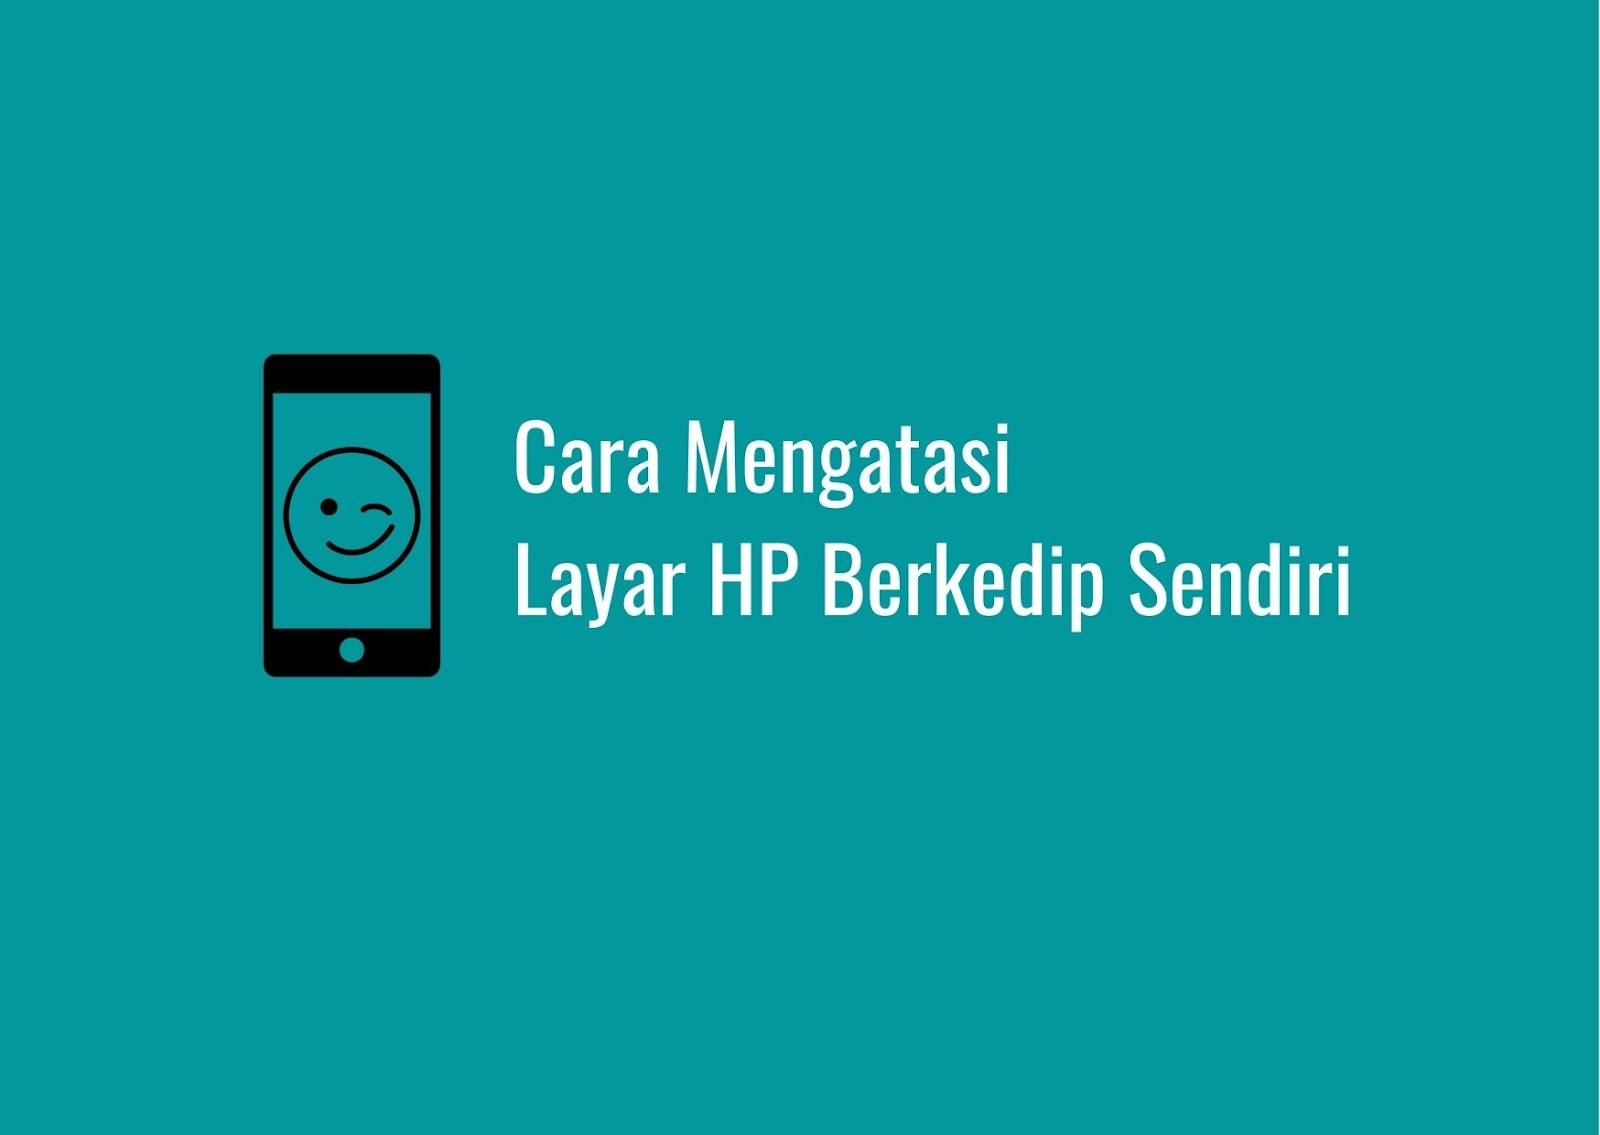 Layar HP Berkedip Sendiri